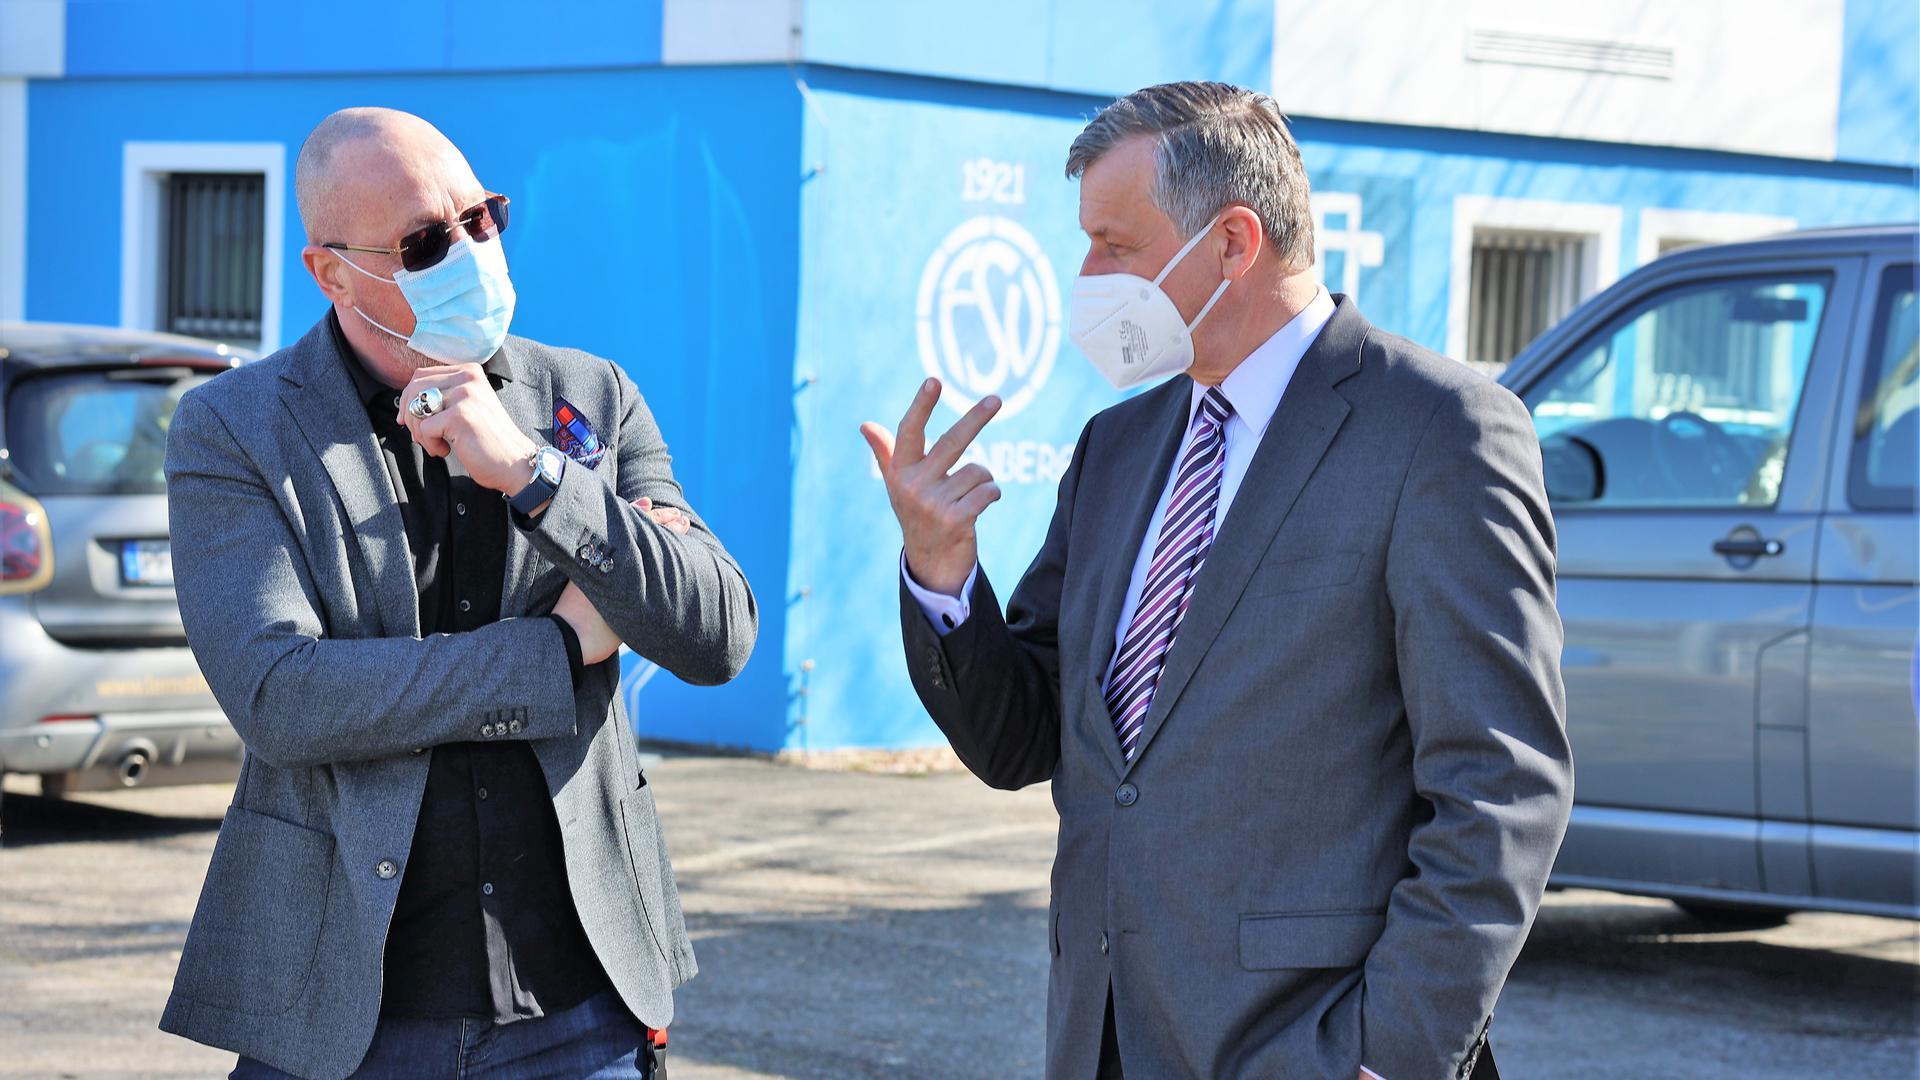 Mit Corona-Masken: Die Pforzheimer Stadträte Uwe Hück und Hans-Ulrich Rülke unterhalten sich engagiert auf dem Gelände des FSV Buckenberg im Stadtteil Haidach.